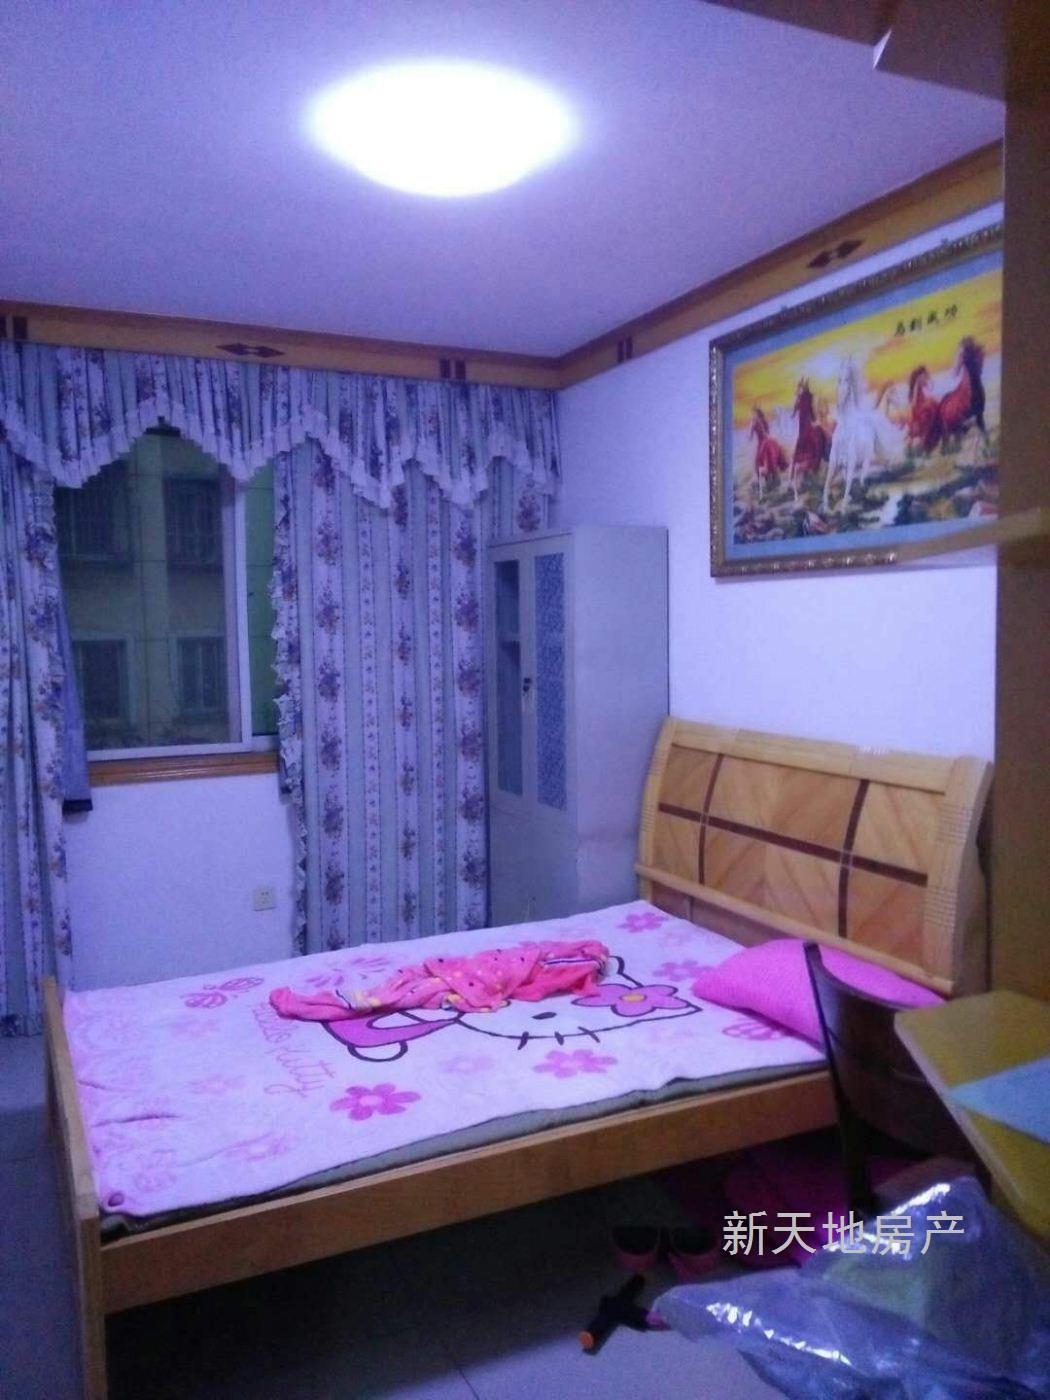 淮海西路 建工一村 2室2厅1卫建工一村